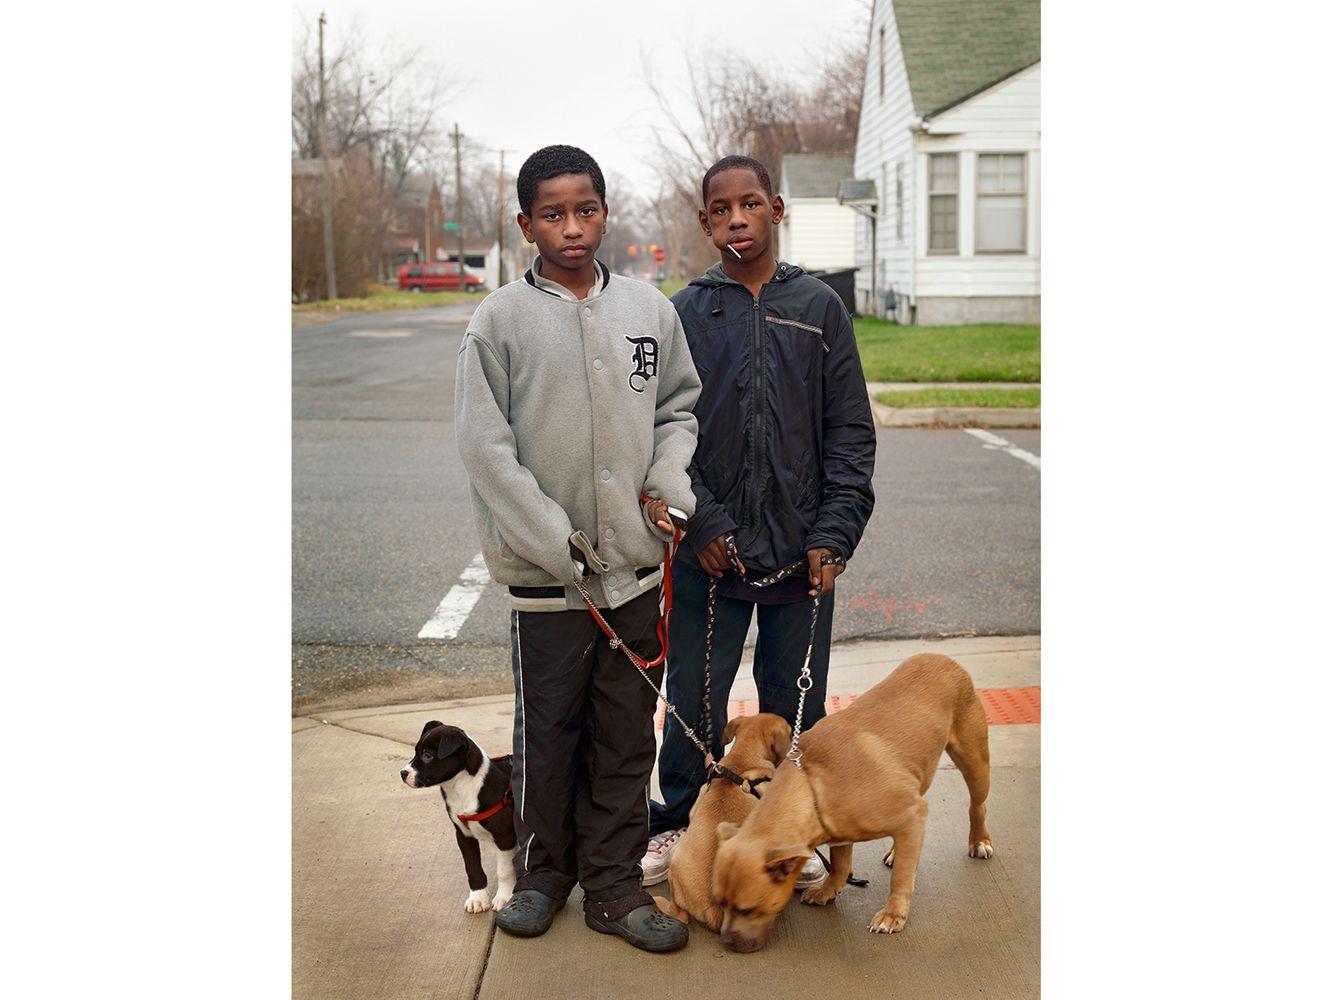 Dayvon and Christian, Eastside, Detroit 2011